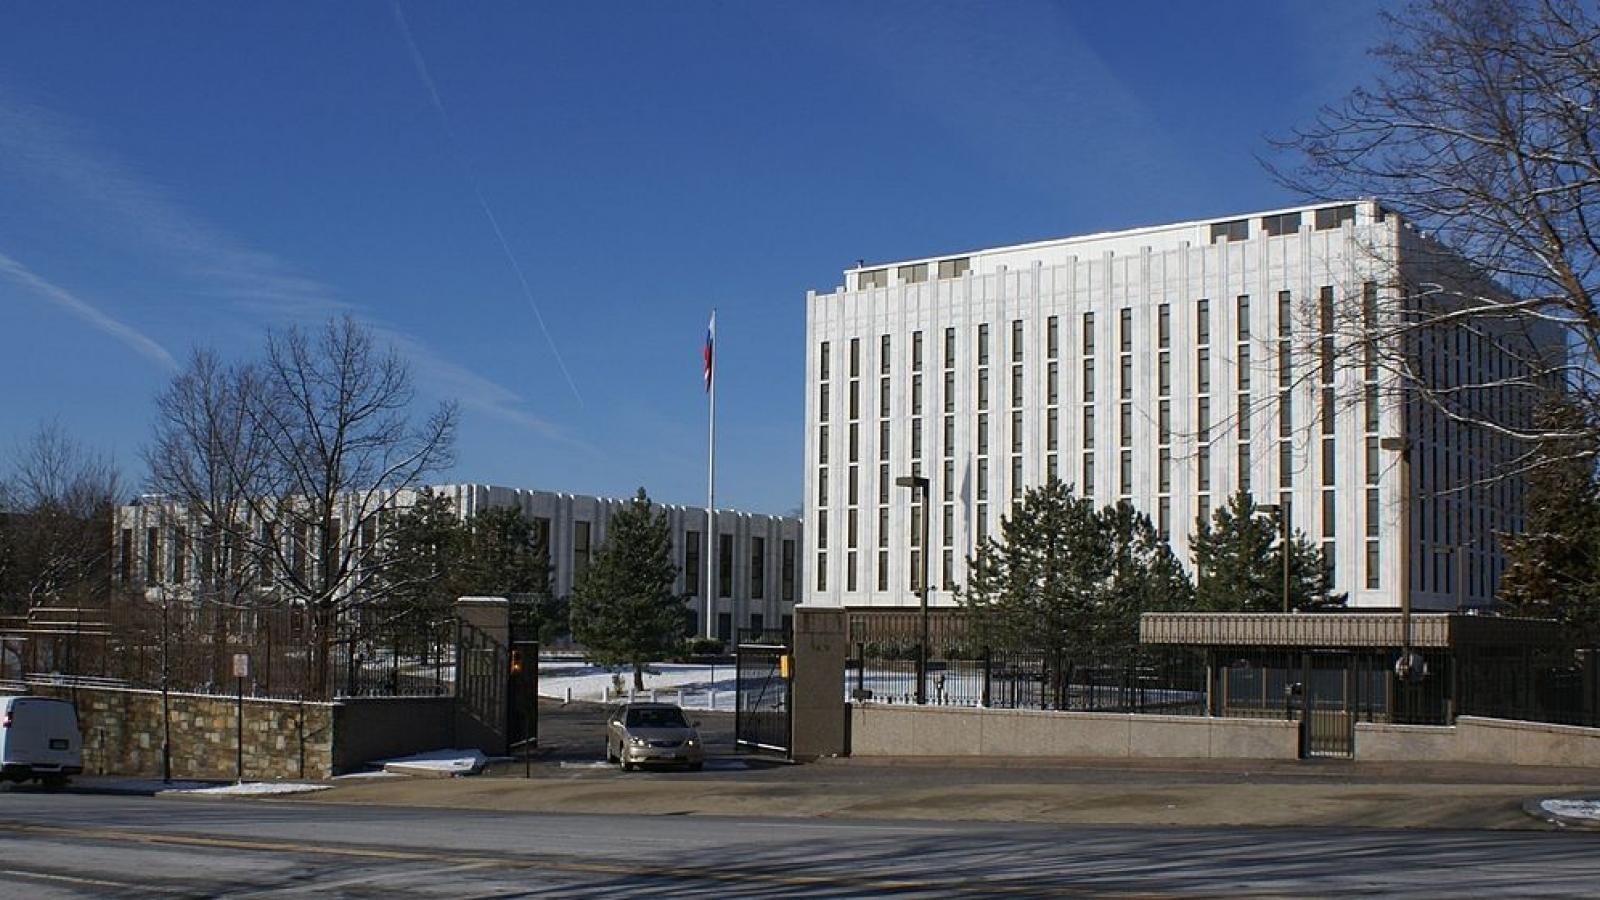 Đại sứ quán Nga tại Mỹ treo cờ rủ, tưởng niệm nửa triệu người Mỹ tử vong vì Covid-19